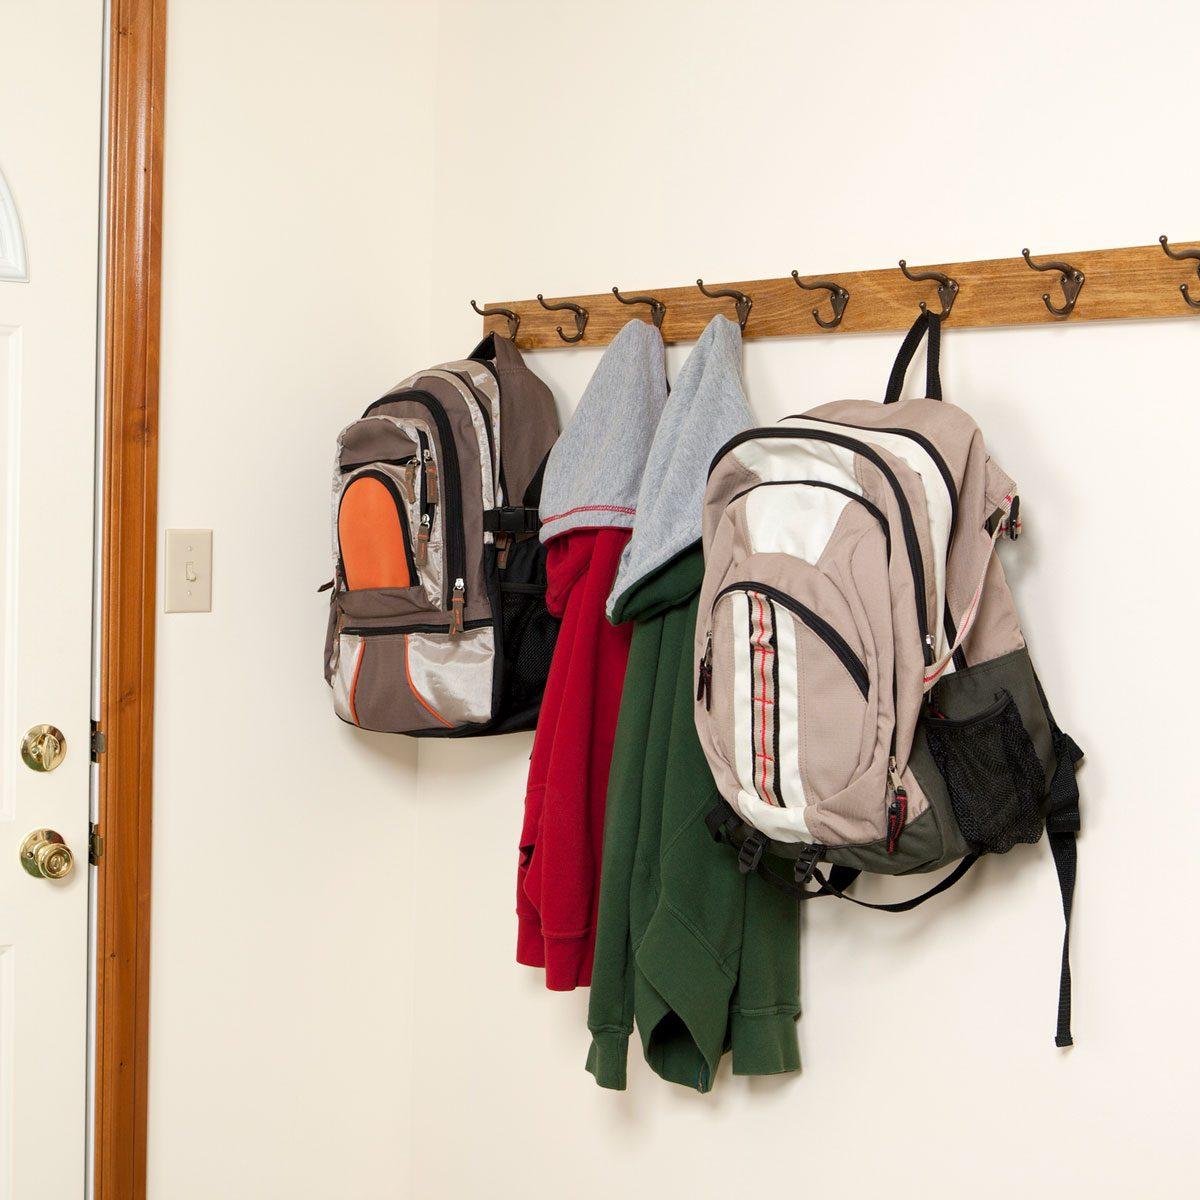 Backpacks hanging from hooks